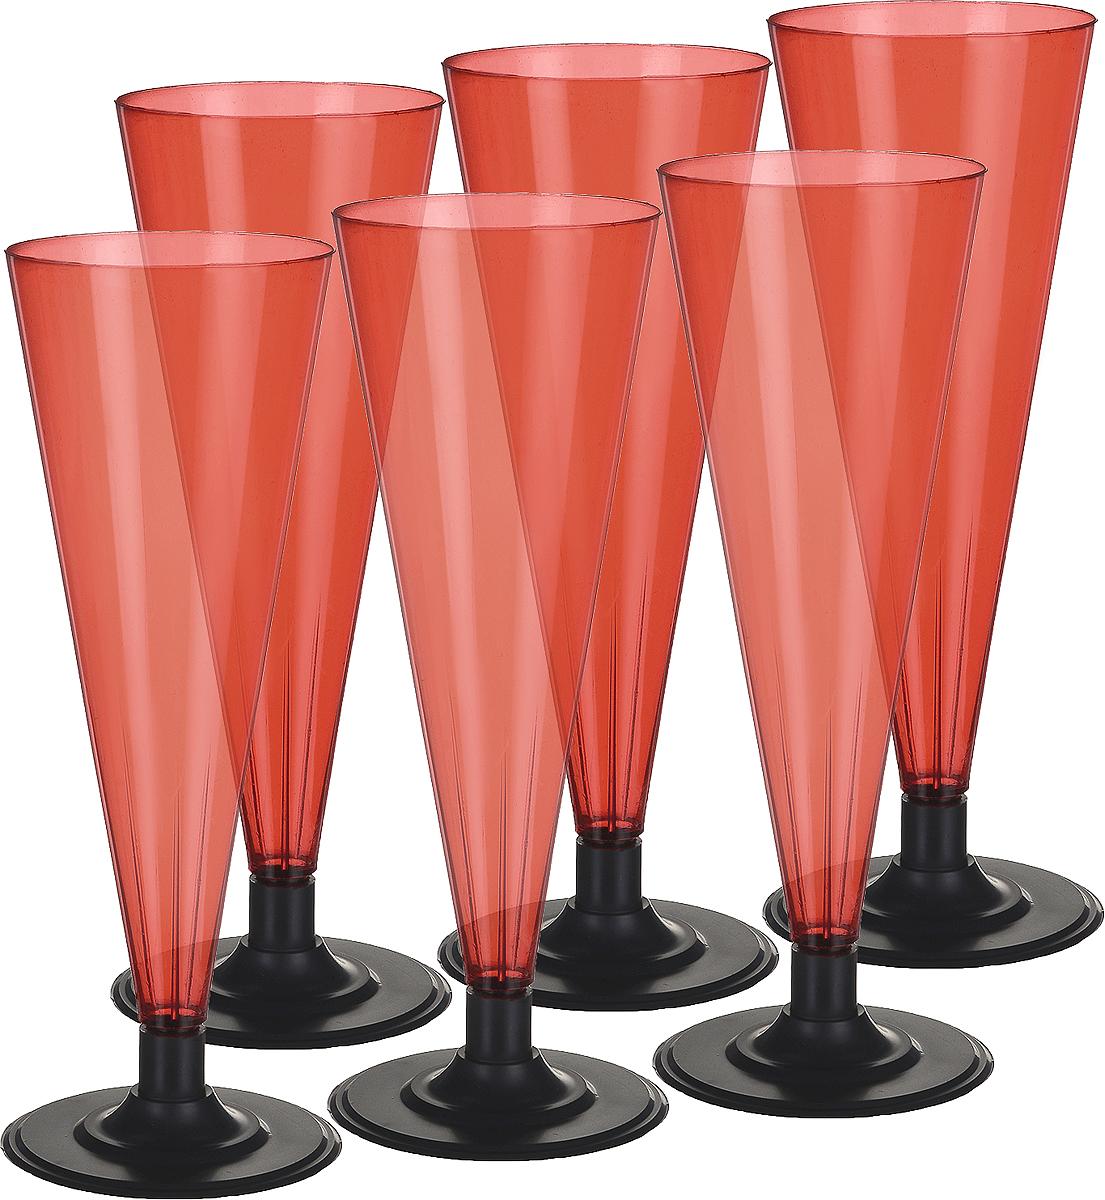 Фужер Мистерия, цвет: красный, черный, 180 мл, 6 шт182154Фужер Buffet выполнен из полистирола. Предназаначен для холодных и горячих (до +70С) напитков. В комплекте 6 шт.